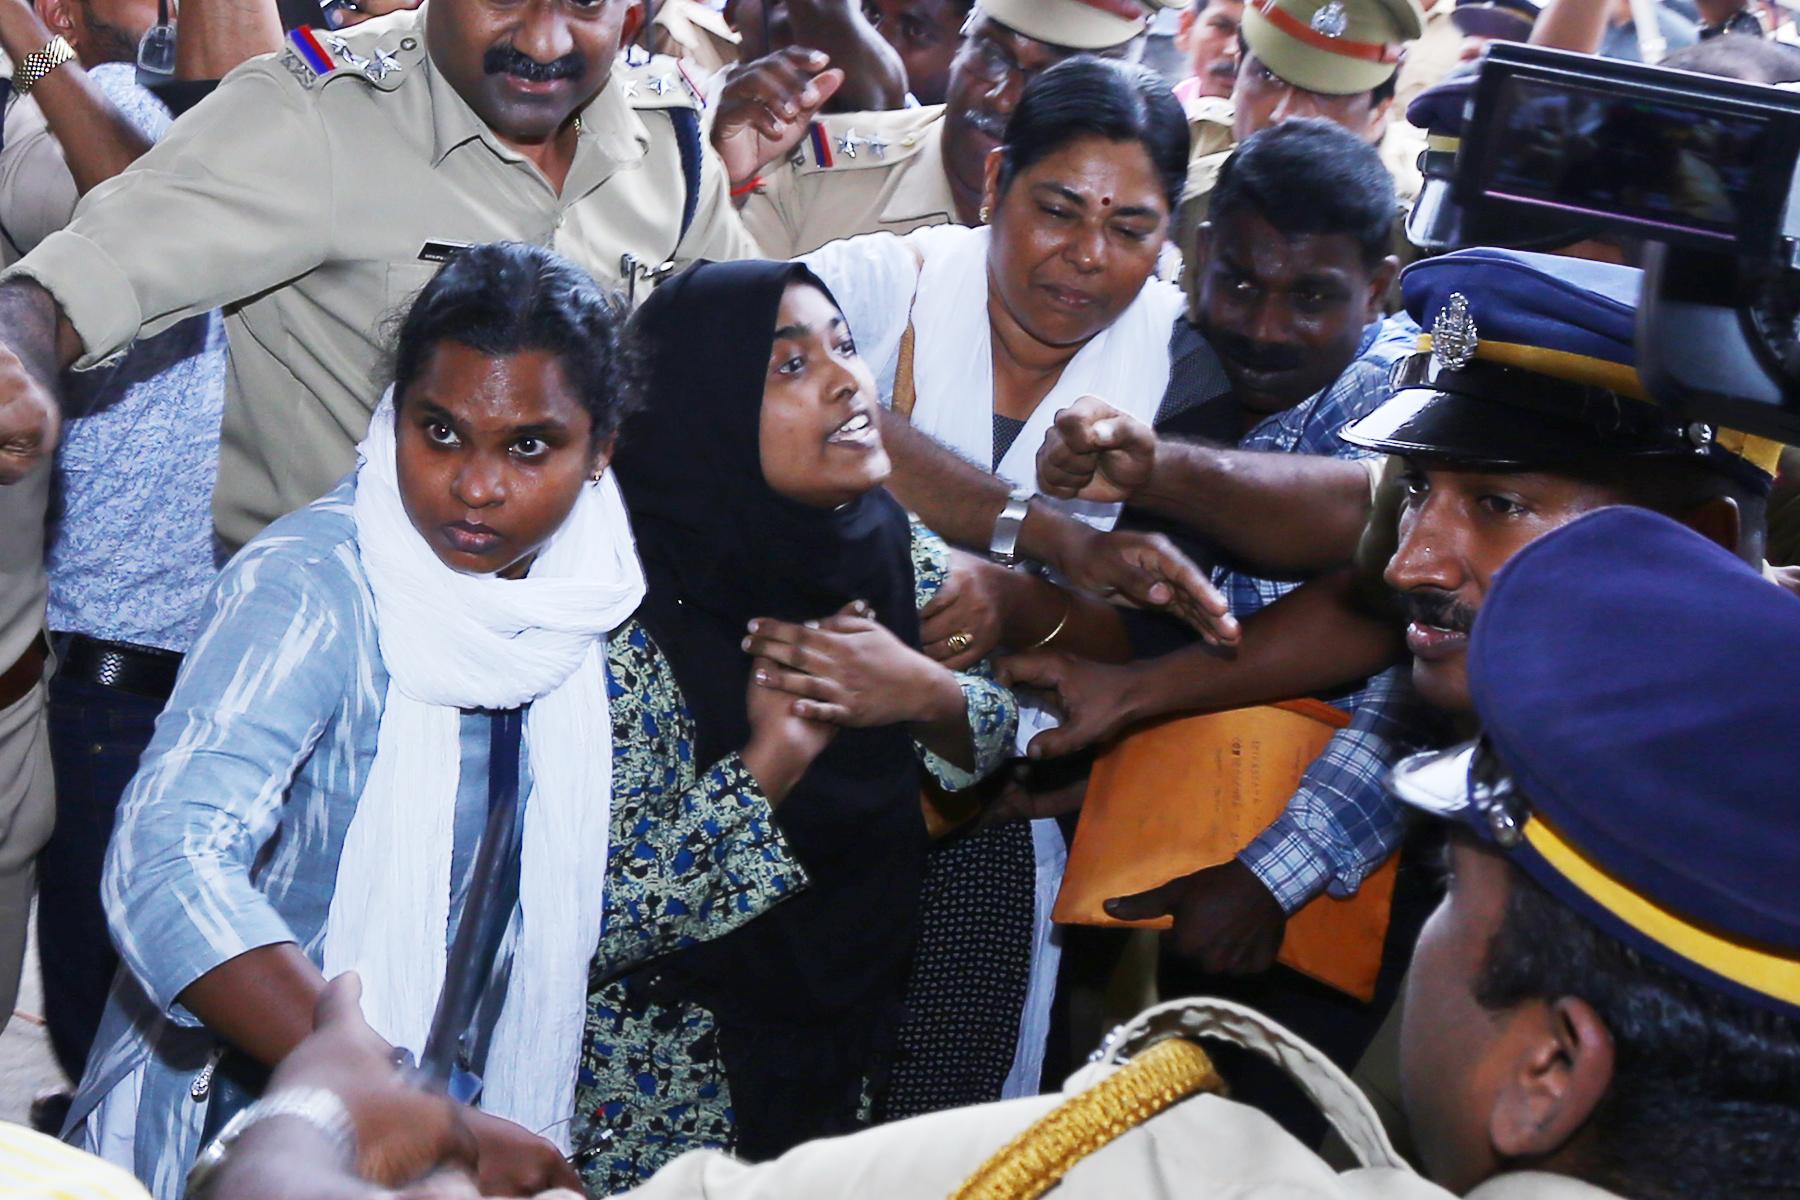 ഹാദിയയുടെ ഡല്ഹി യാത്ര: ഒരുക്കങ്ങള് നടത്തിയത് അതീവ രഹസ്യമായി